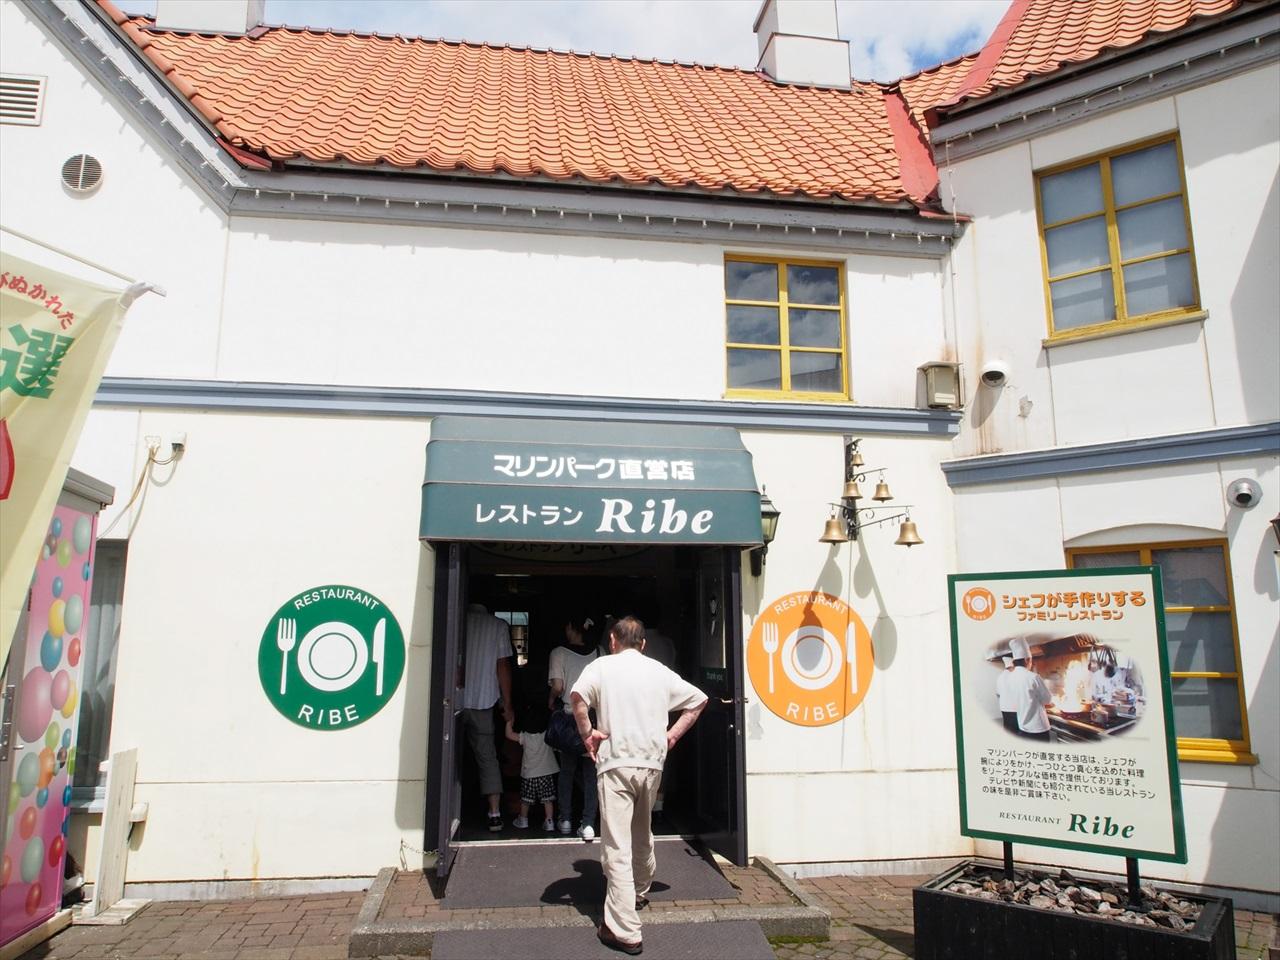 レストラン Ribe